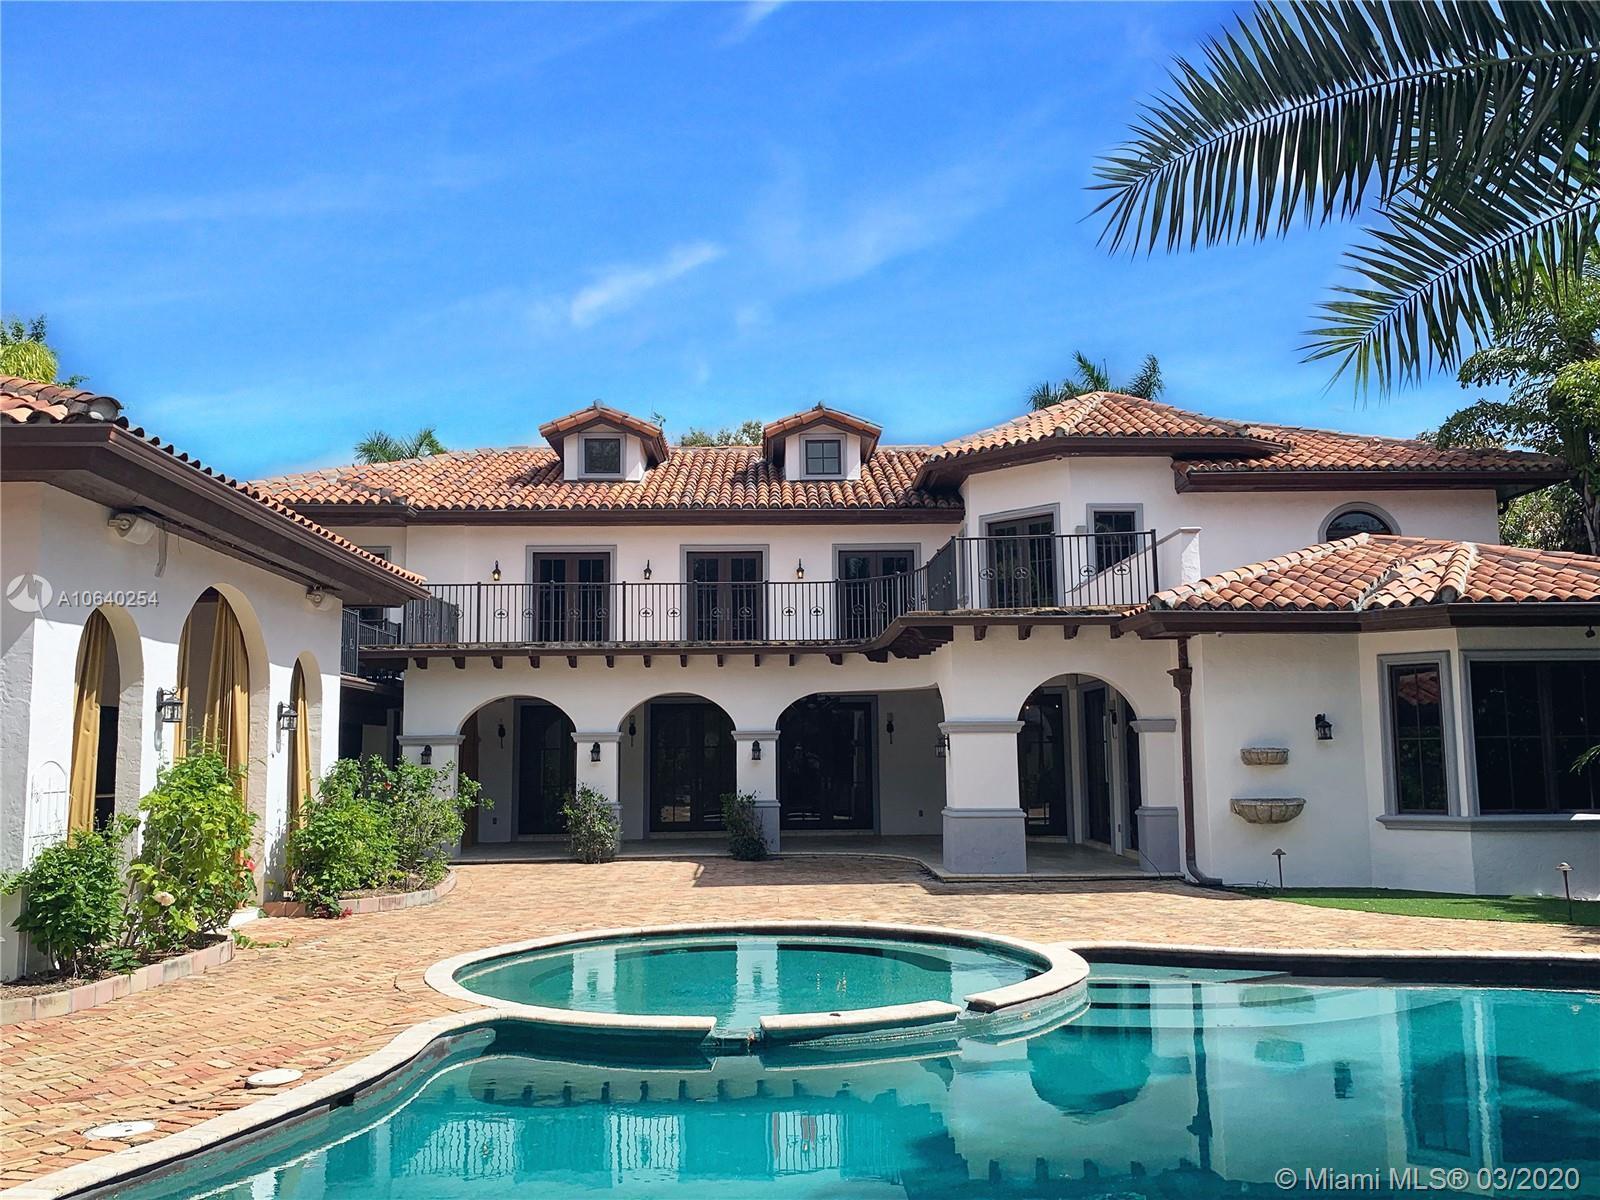 1260 Anastasia Ave, Coral Gables, Florida